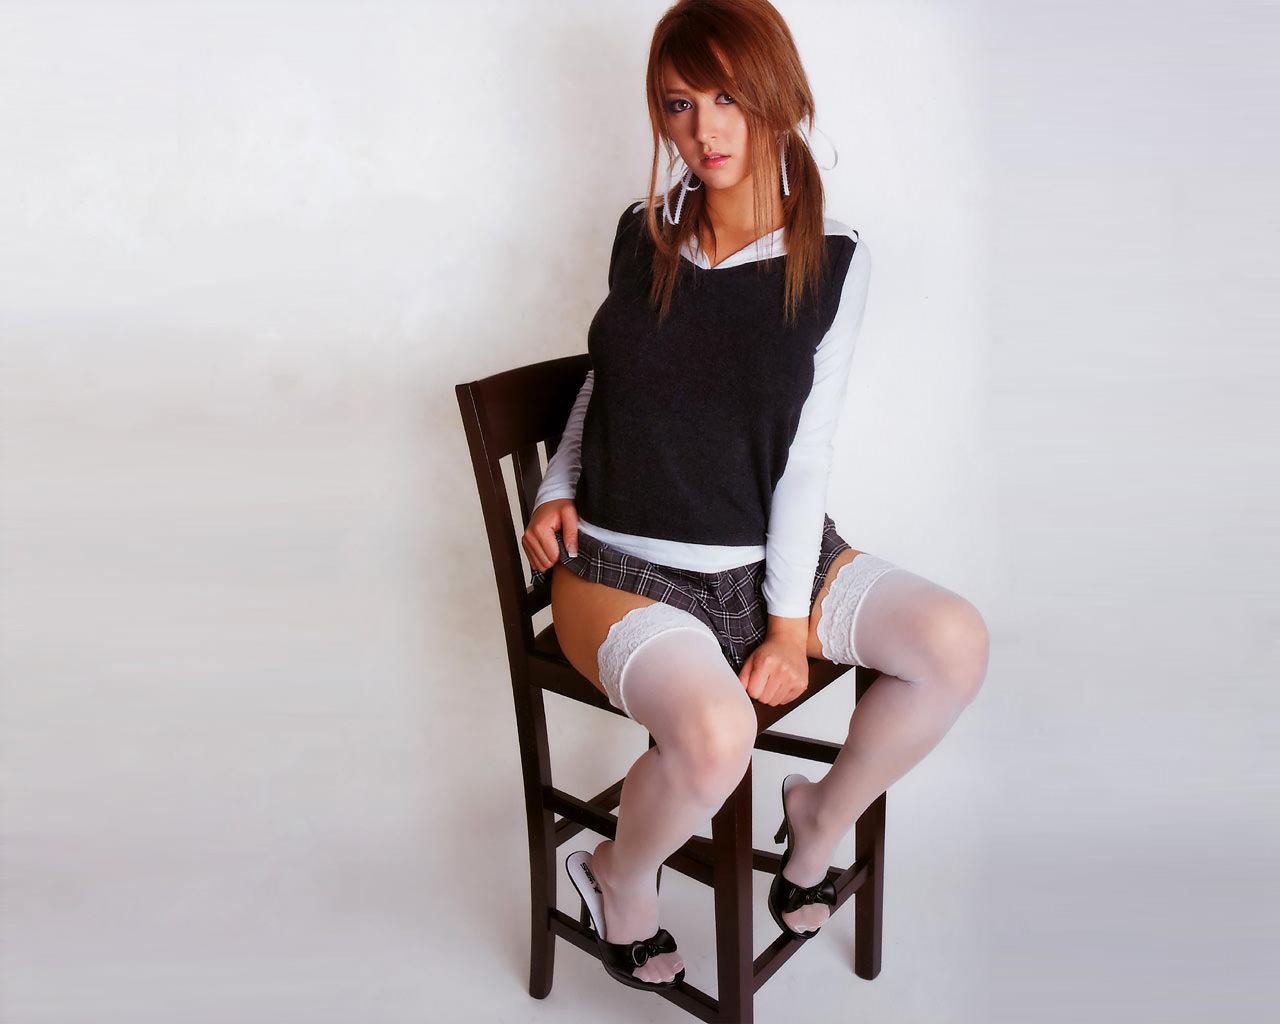 Фото азиаток в юбках 21 фотография